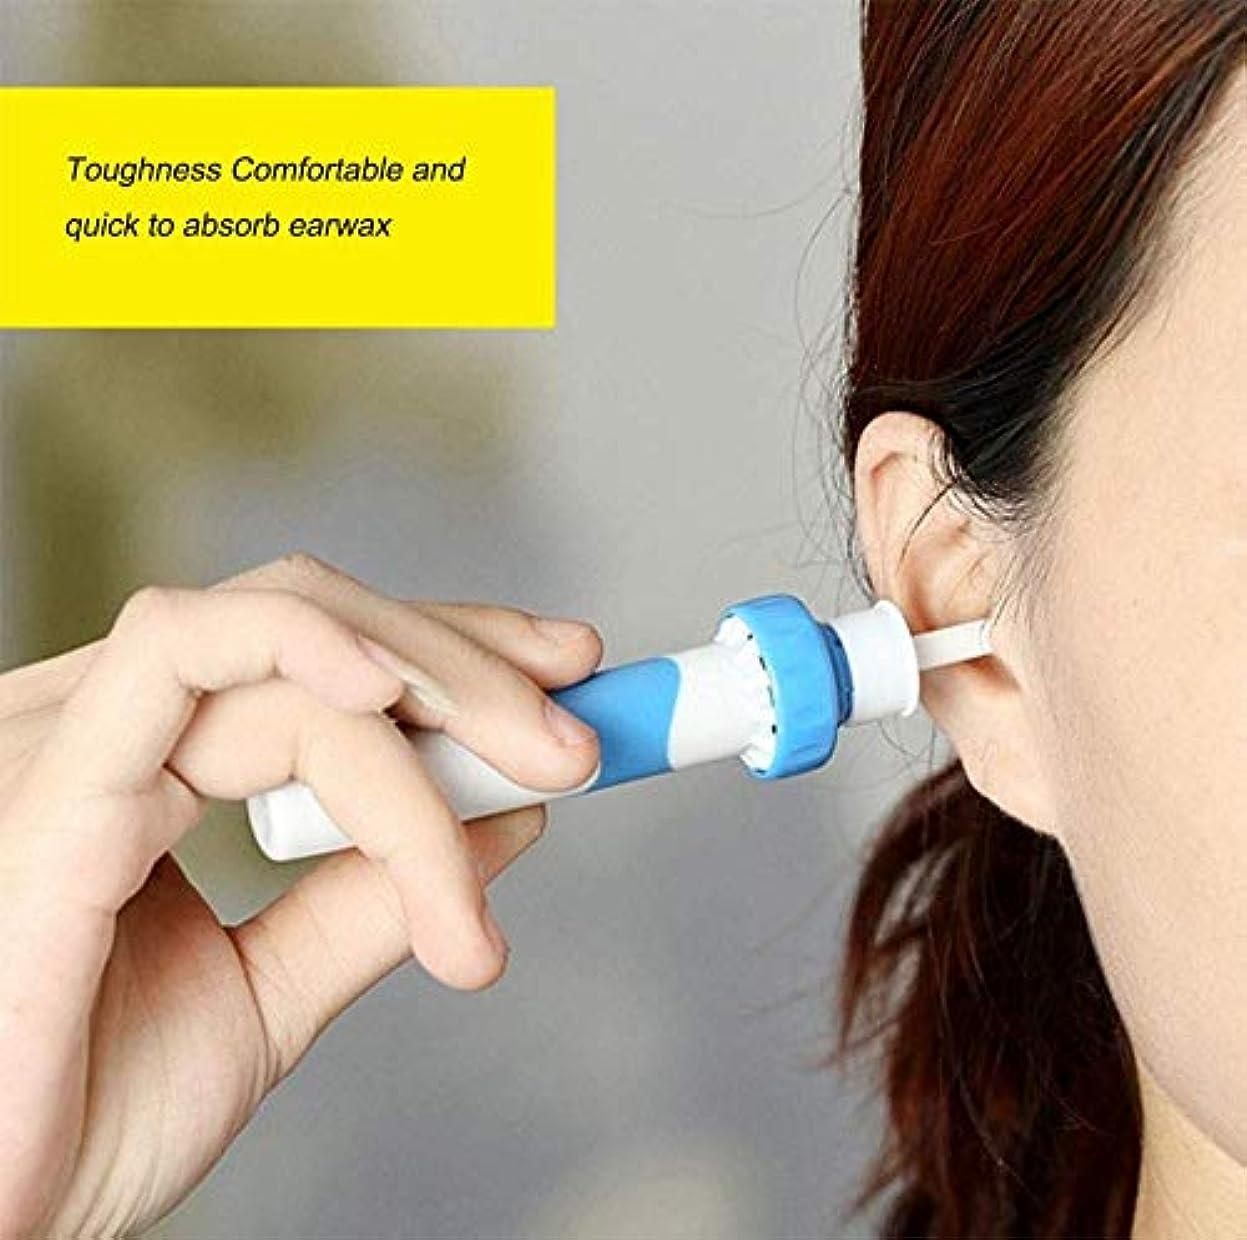 養うそうでなければサミュエルポータブル自動電動バキューム耳ワックス耳垢除去ツールキット、耳掃除機簡単耳垢の除去ソフトを防ぐ大人子供のために設定クリーンツール(2個)を耳ピック